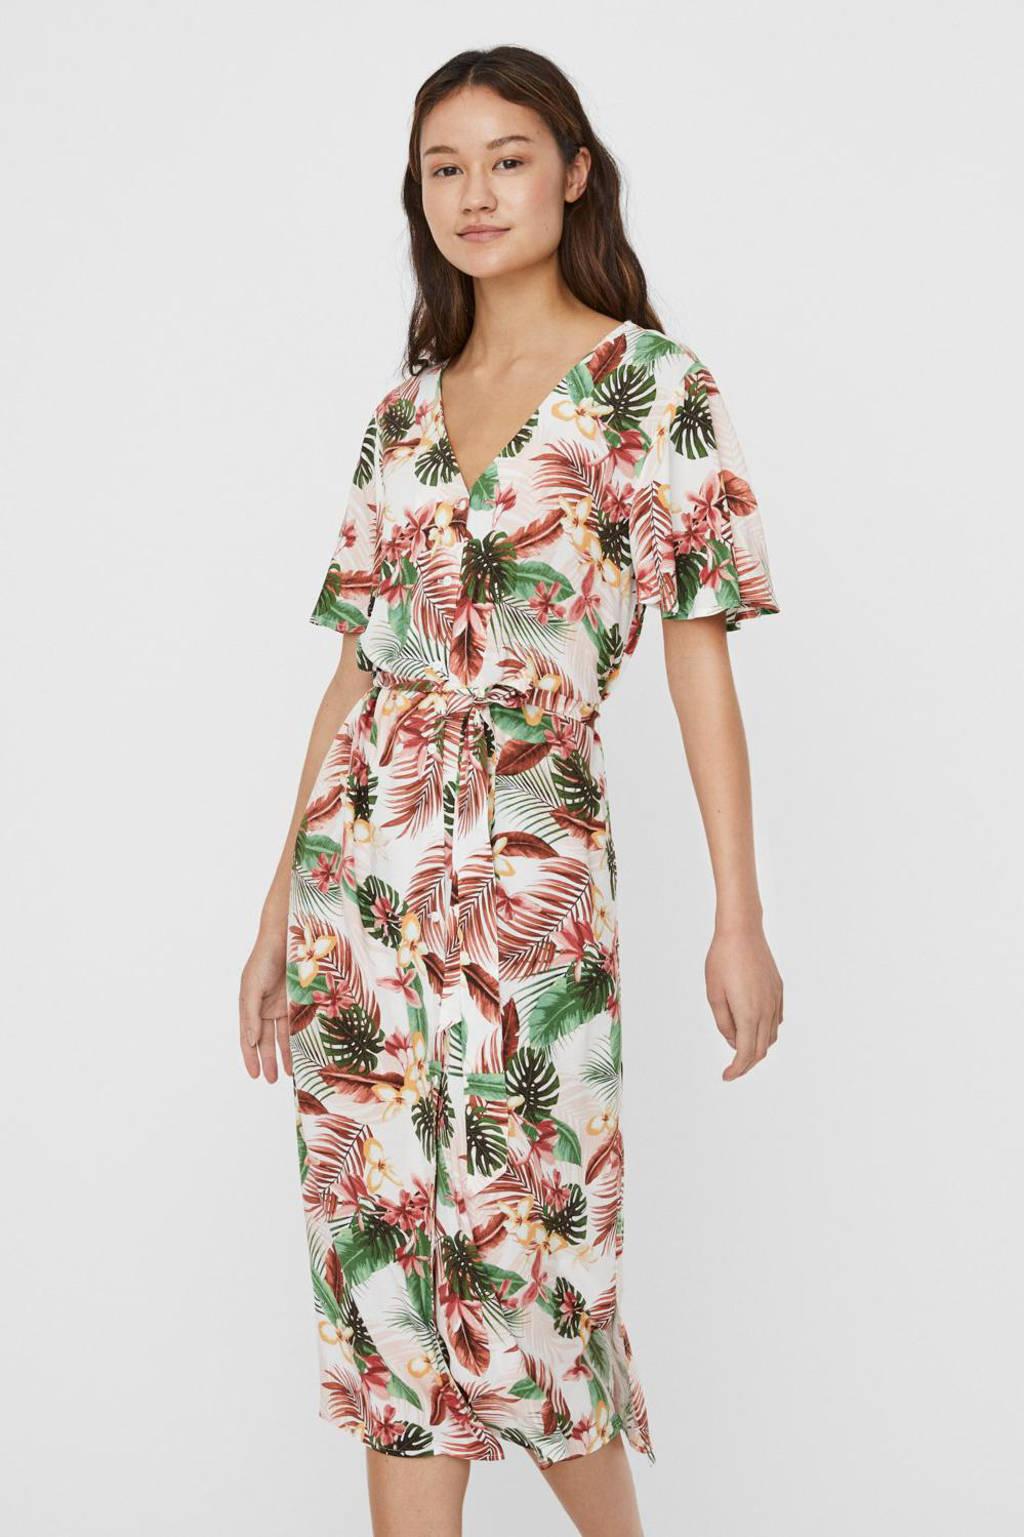 VERO MODA gebloemde jurk wit/roze/groen, Wit/roze/groen